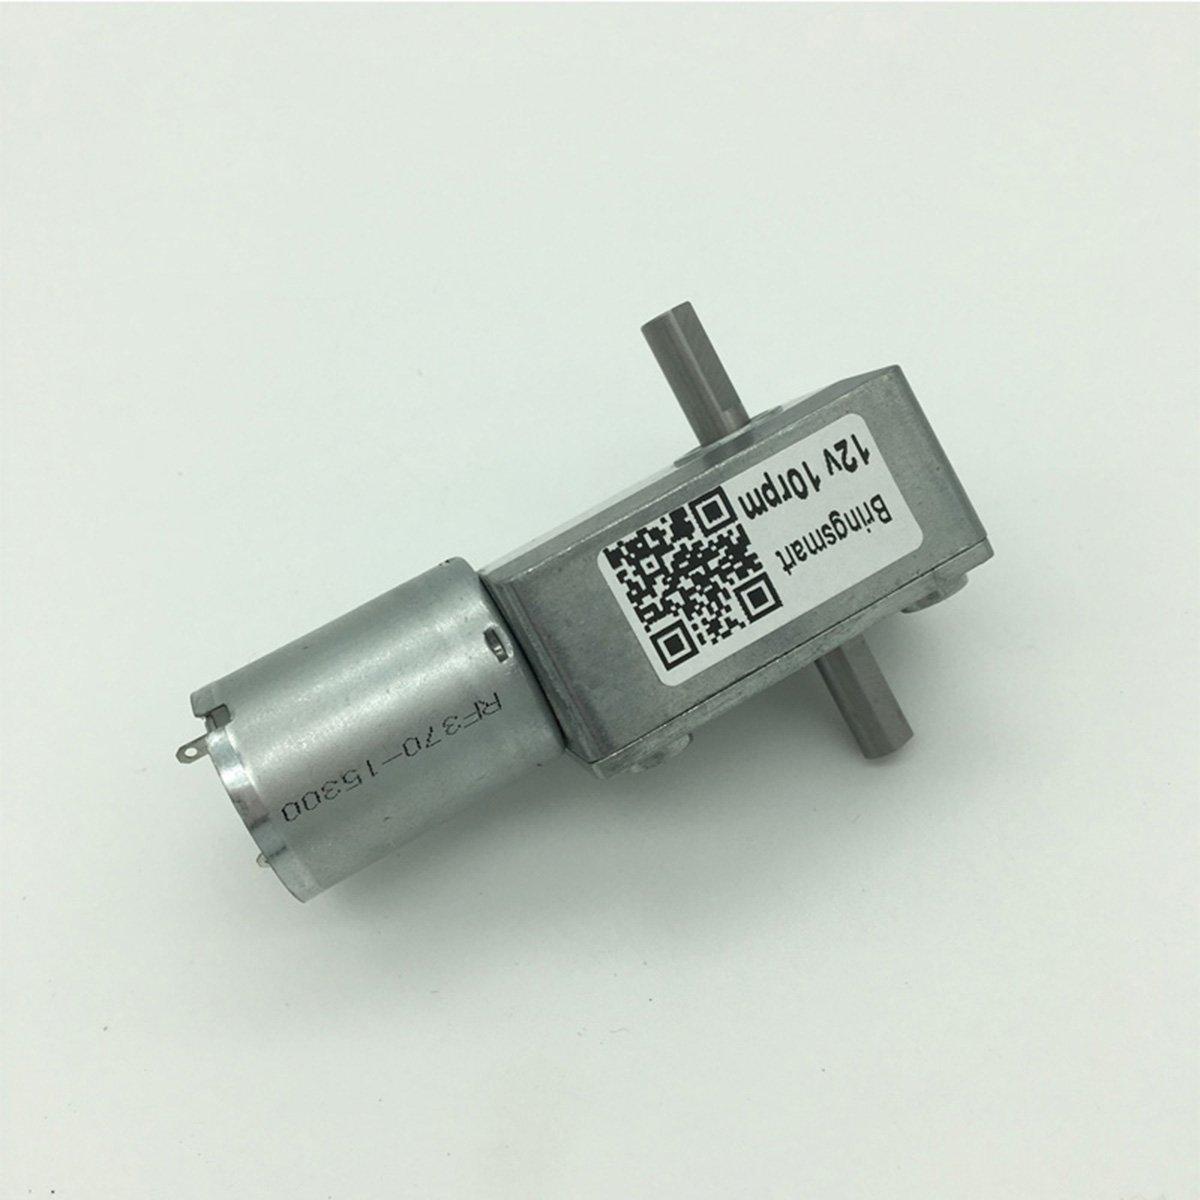 Bringsmart 6V Double Shaft Gear Motor 12V 24V DC Dual Output Shaft Reducer Self-lock (JGY-370 6V 6rpm) by Bringsmart (Image #1)